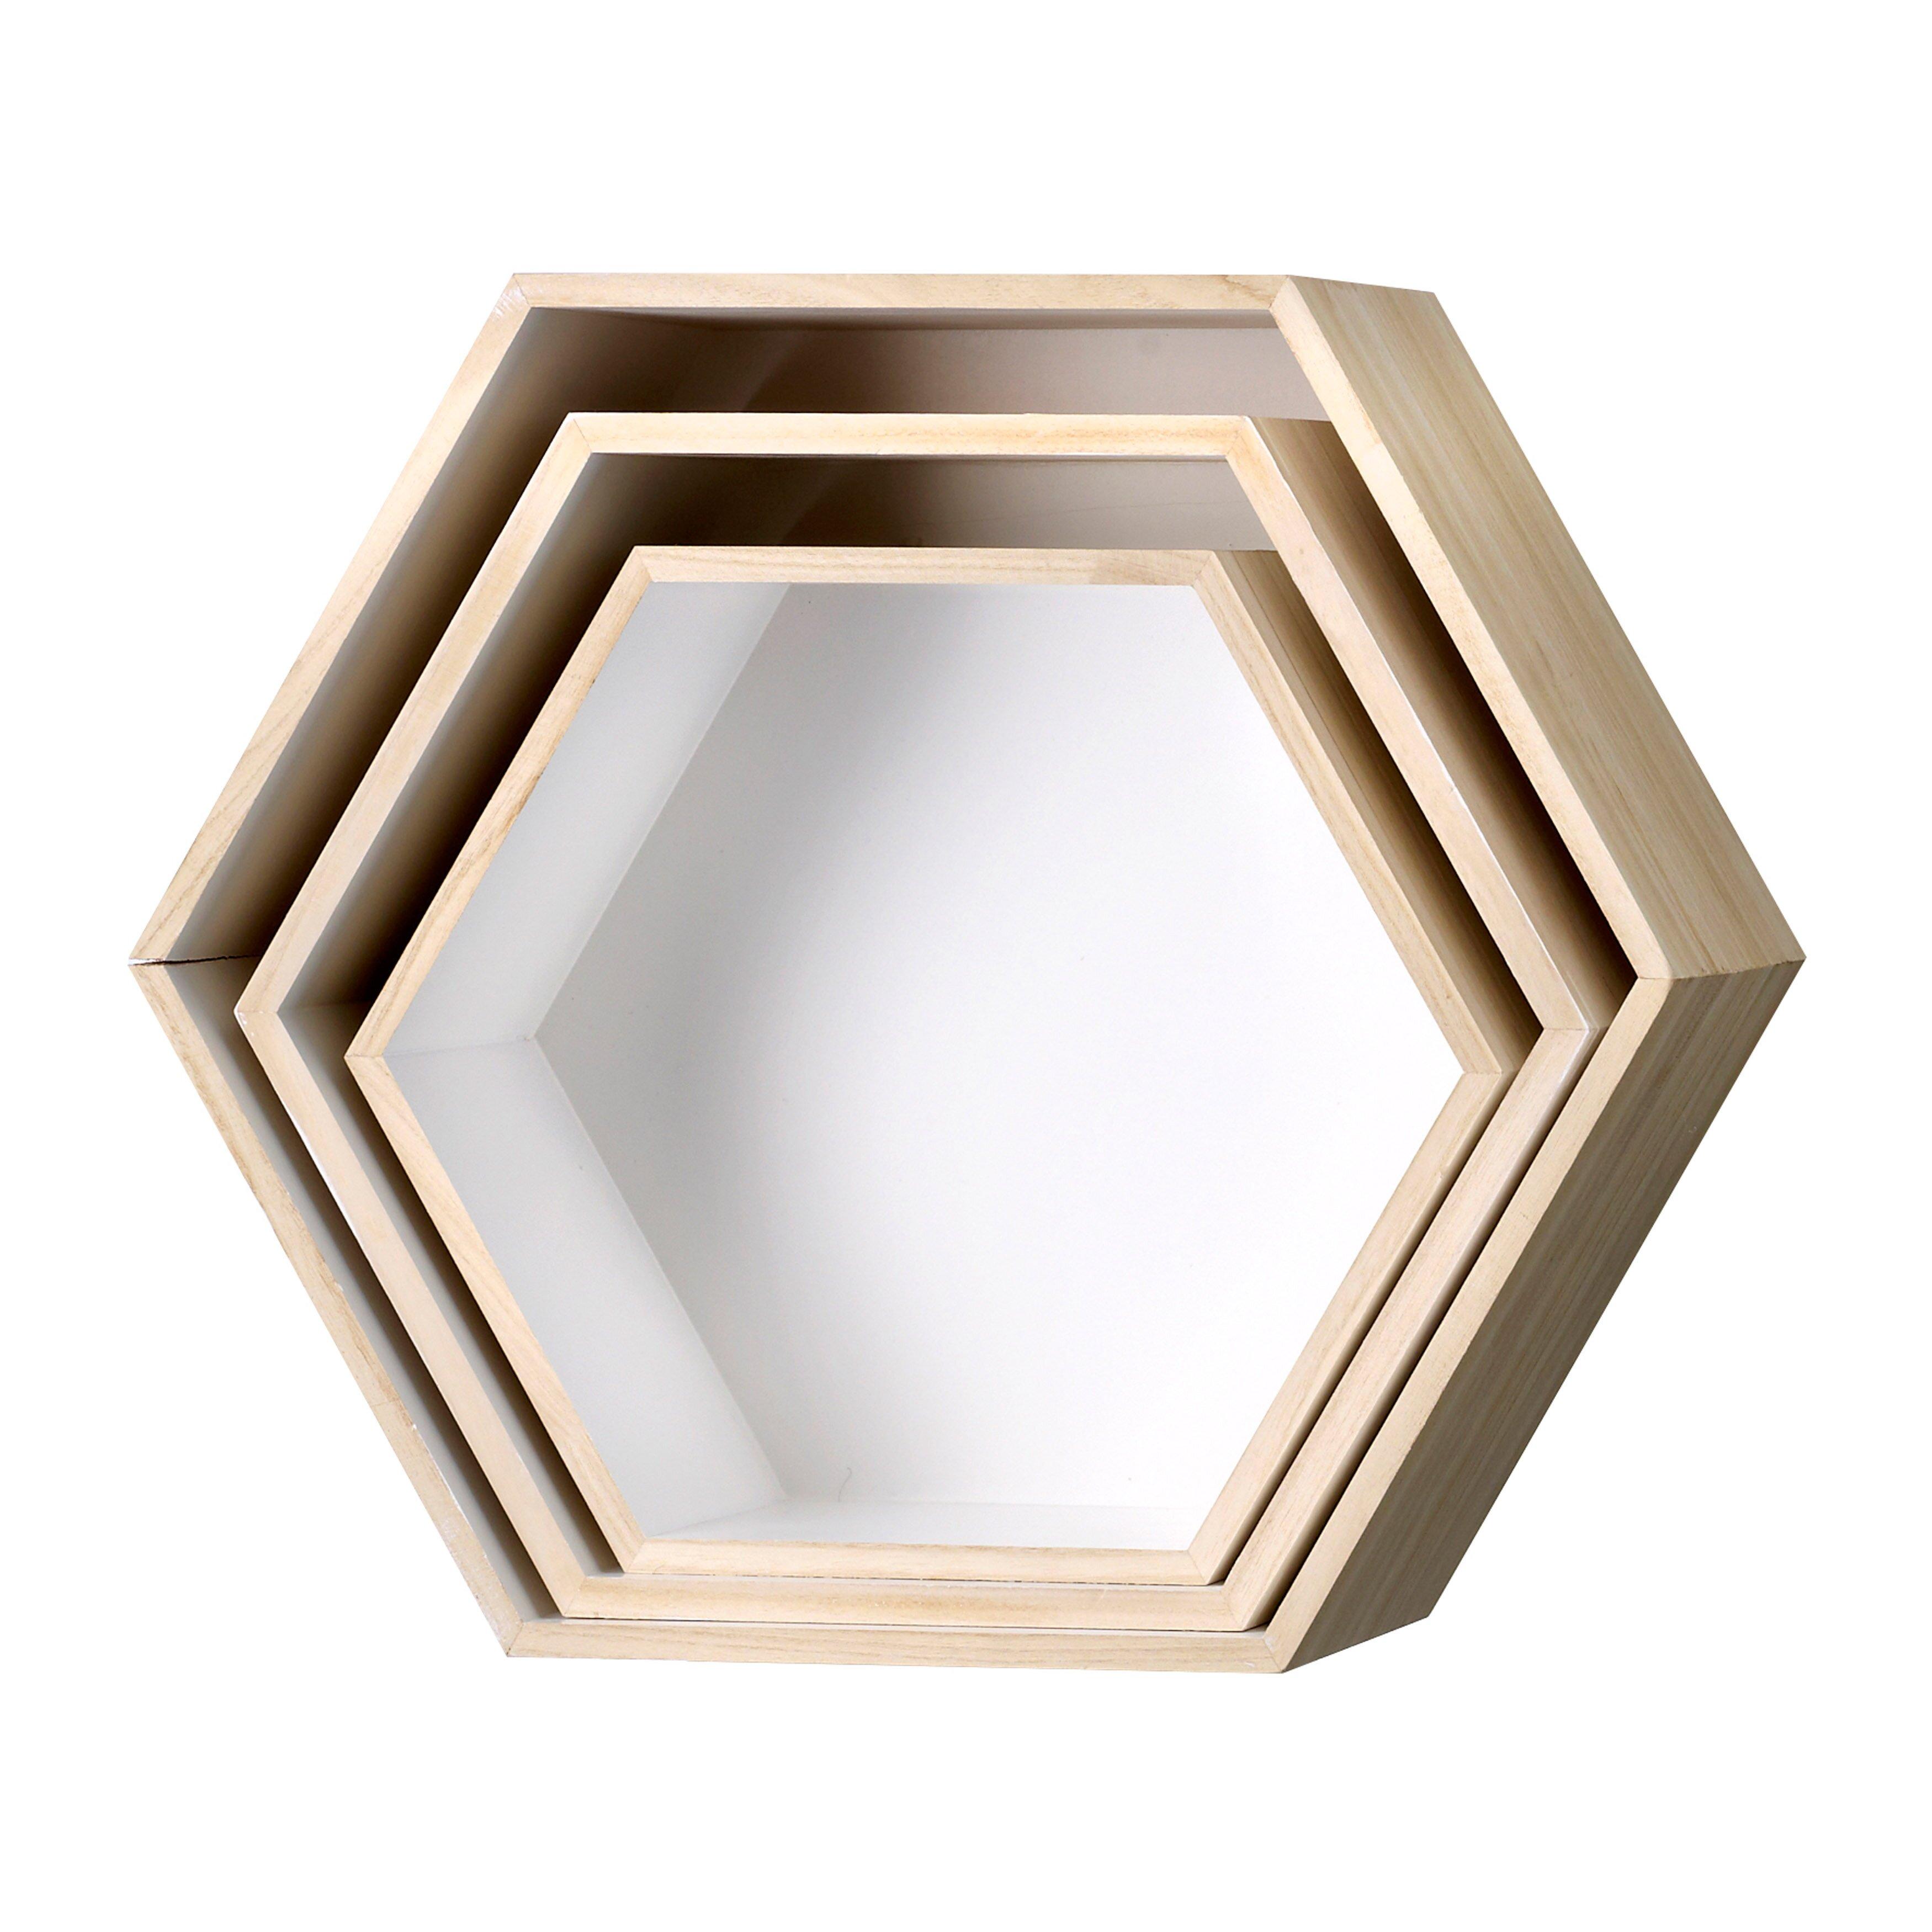 Bloomingville Coffee Table Bloomingville 3 Piece Hexagonal Wood Shelf Set Reviews Wayfair